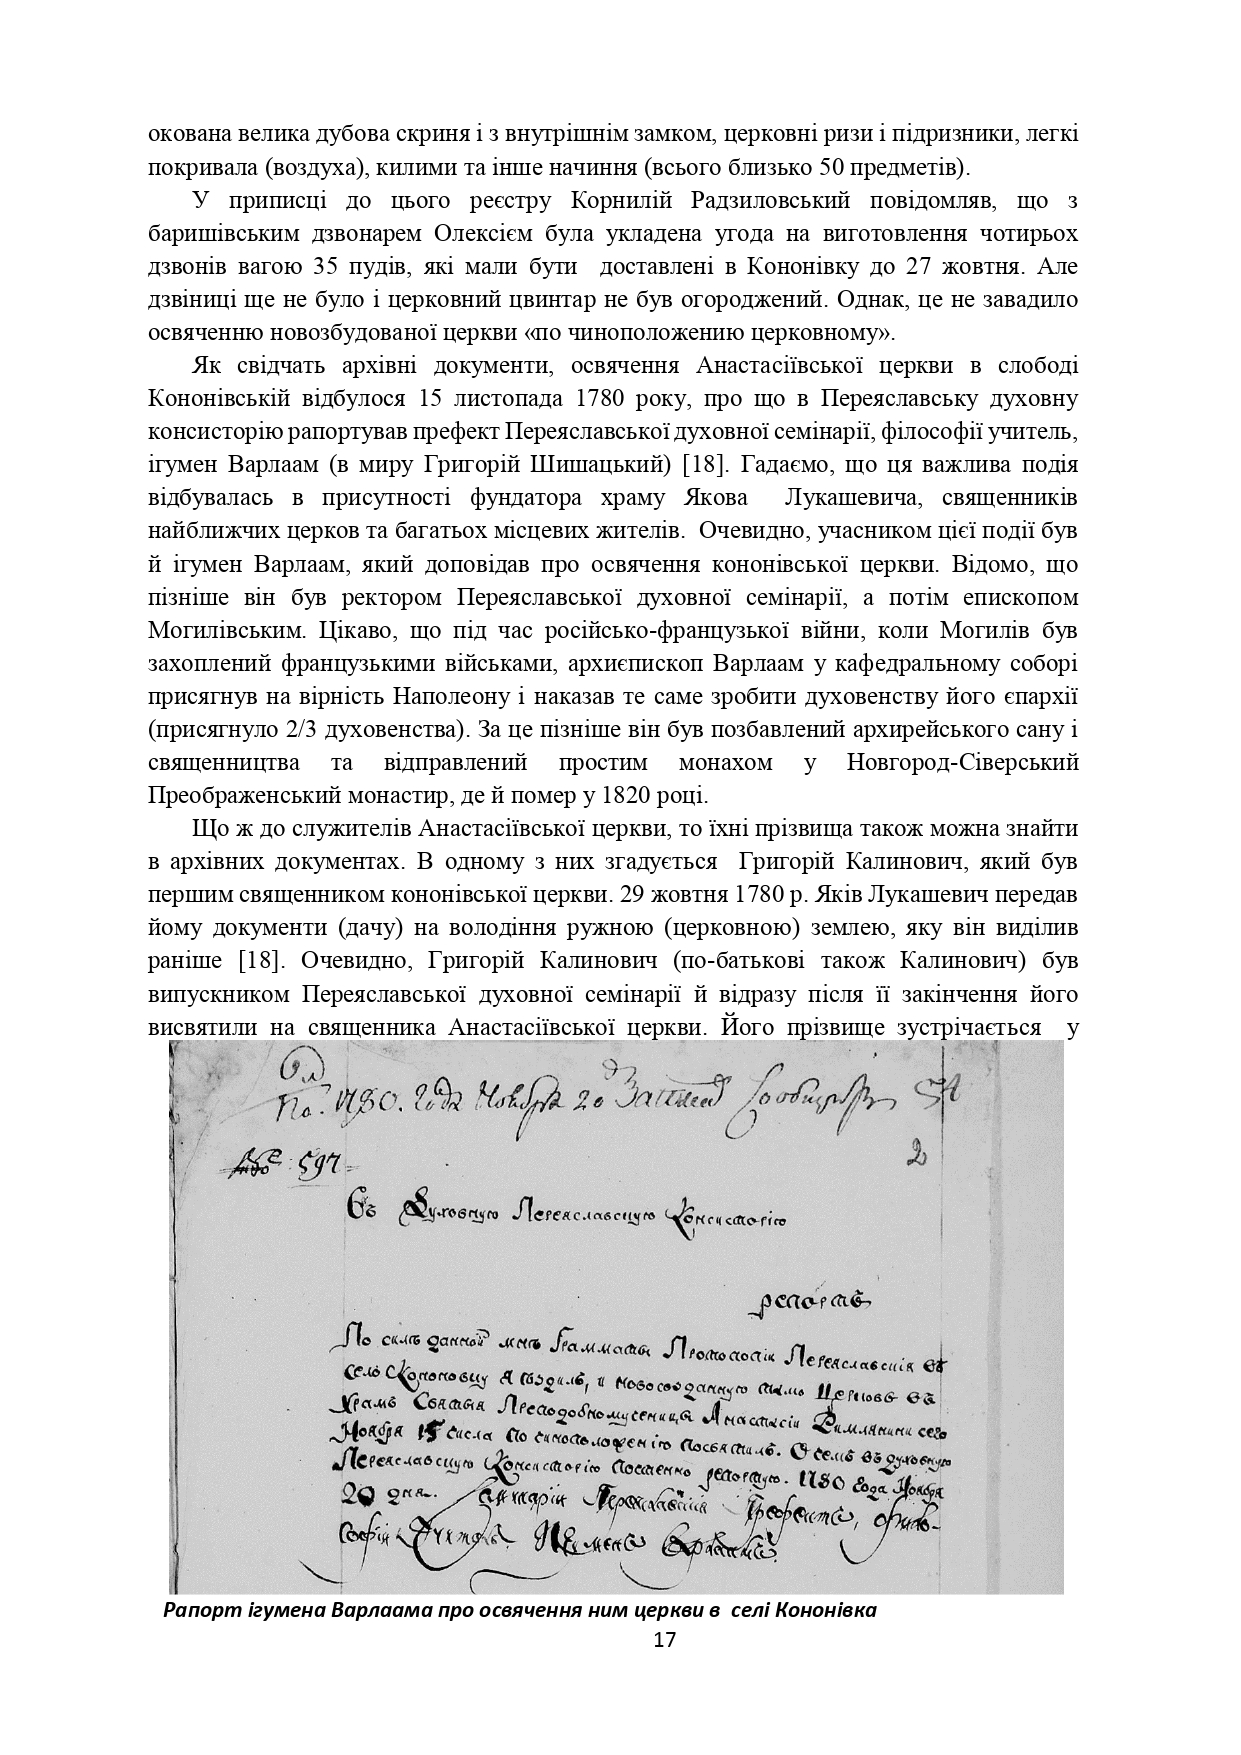 ІСТОРІЯ СЕЛА КОНОНІВКА 2021 (1)_page-0017